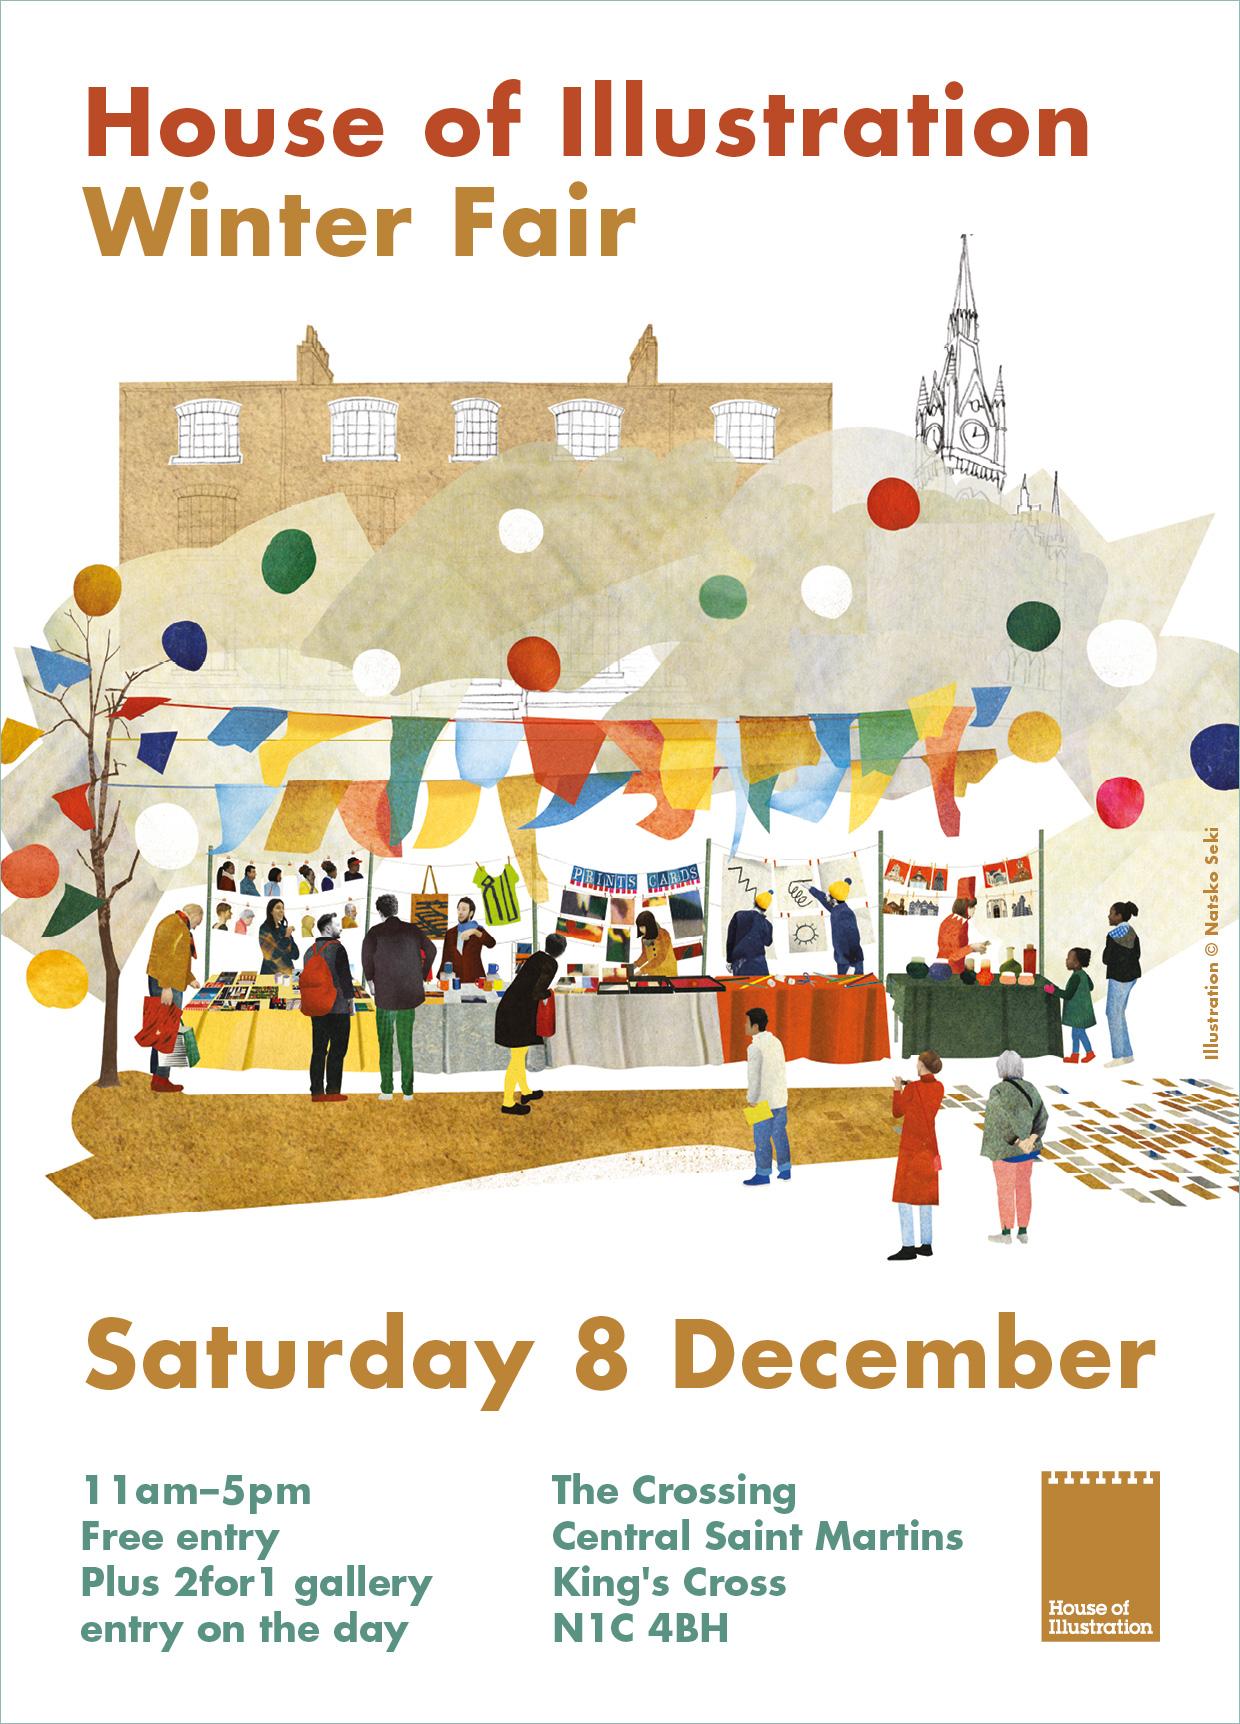 House-of-Illustration-Winter-Fair-e-flyer.jpg